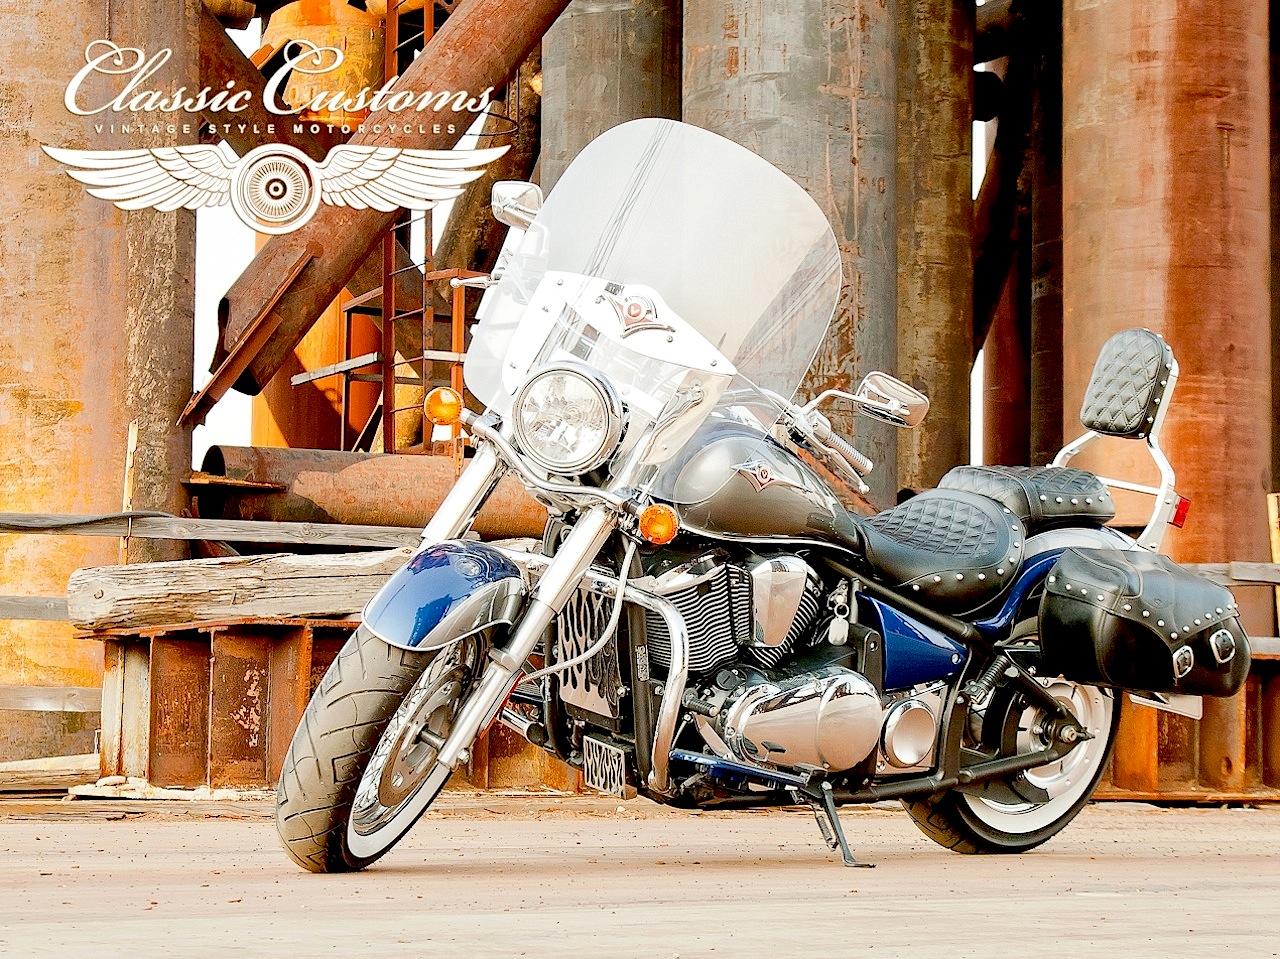 Kawasaki Vulcan 900 Classic edition